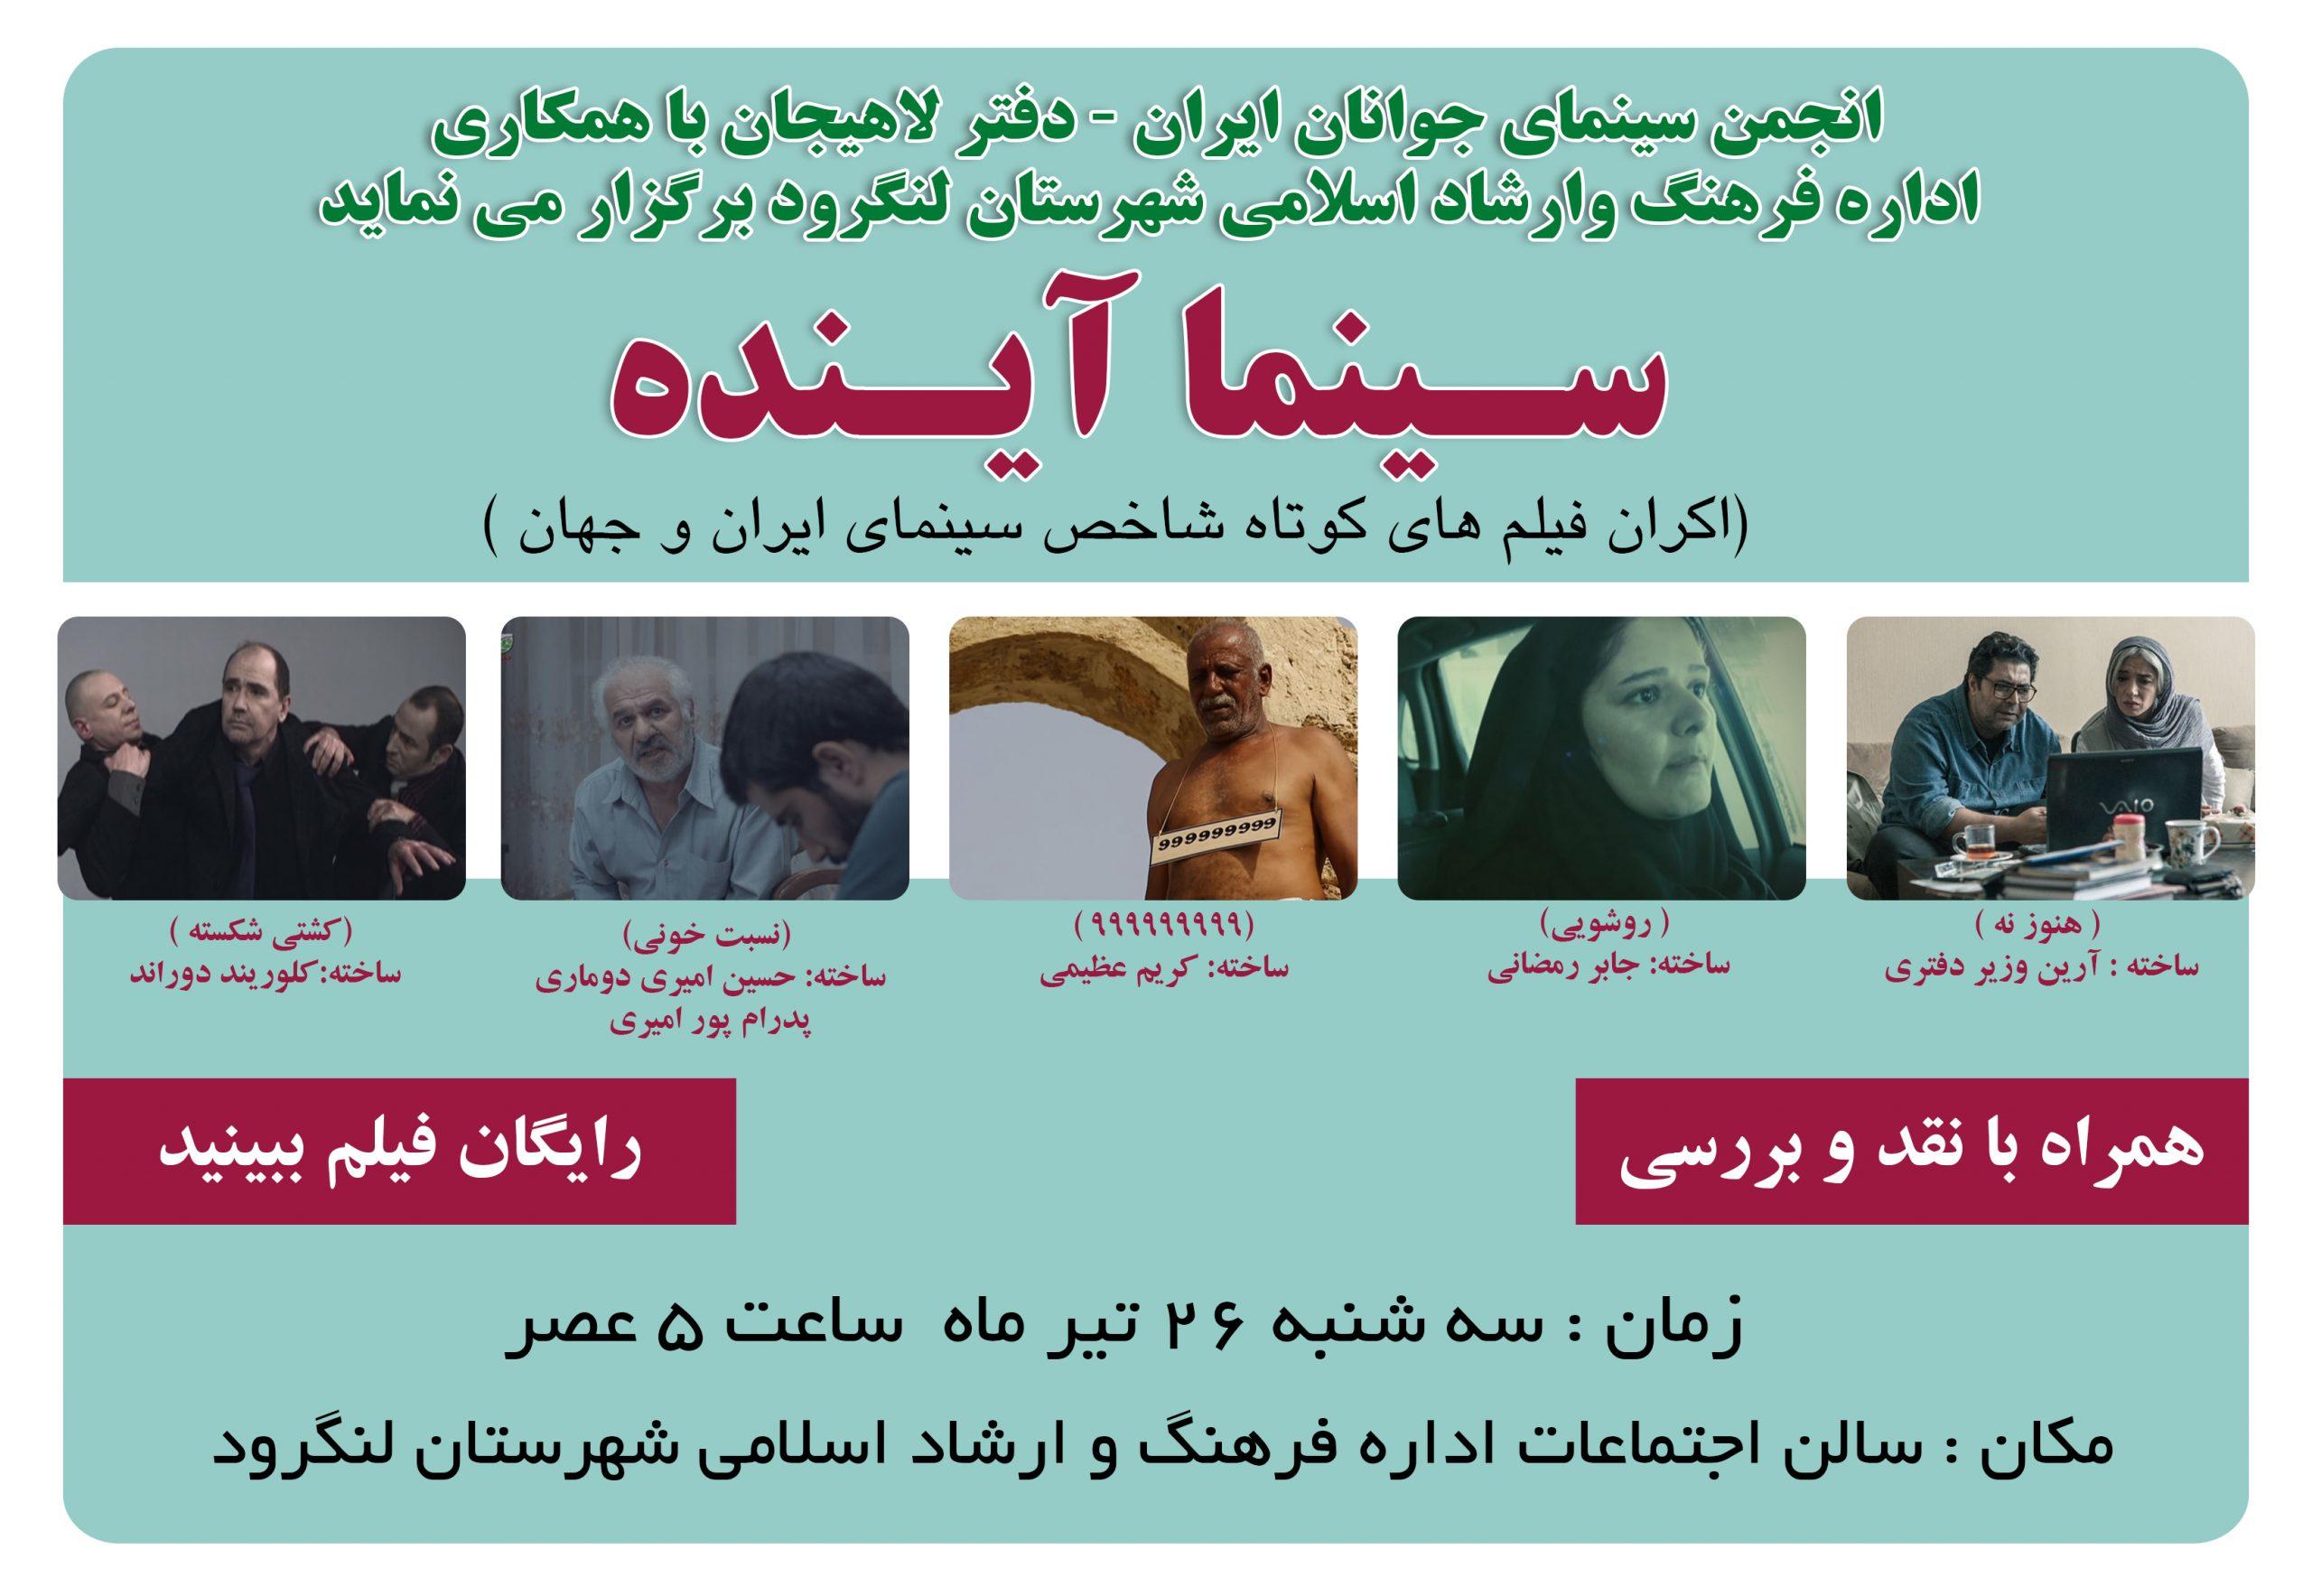 برگزاری پاتوق فیلم کوتاه در لنگرود